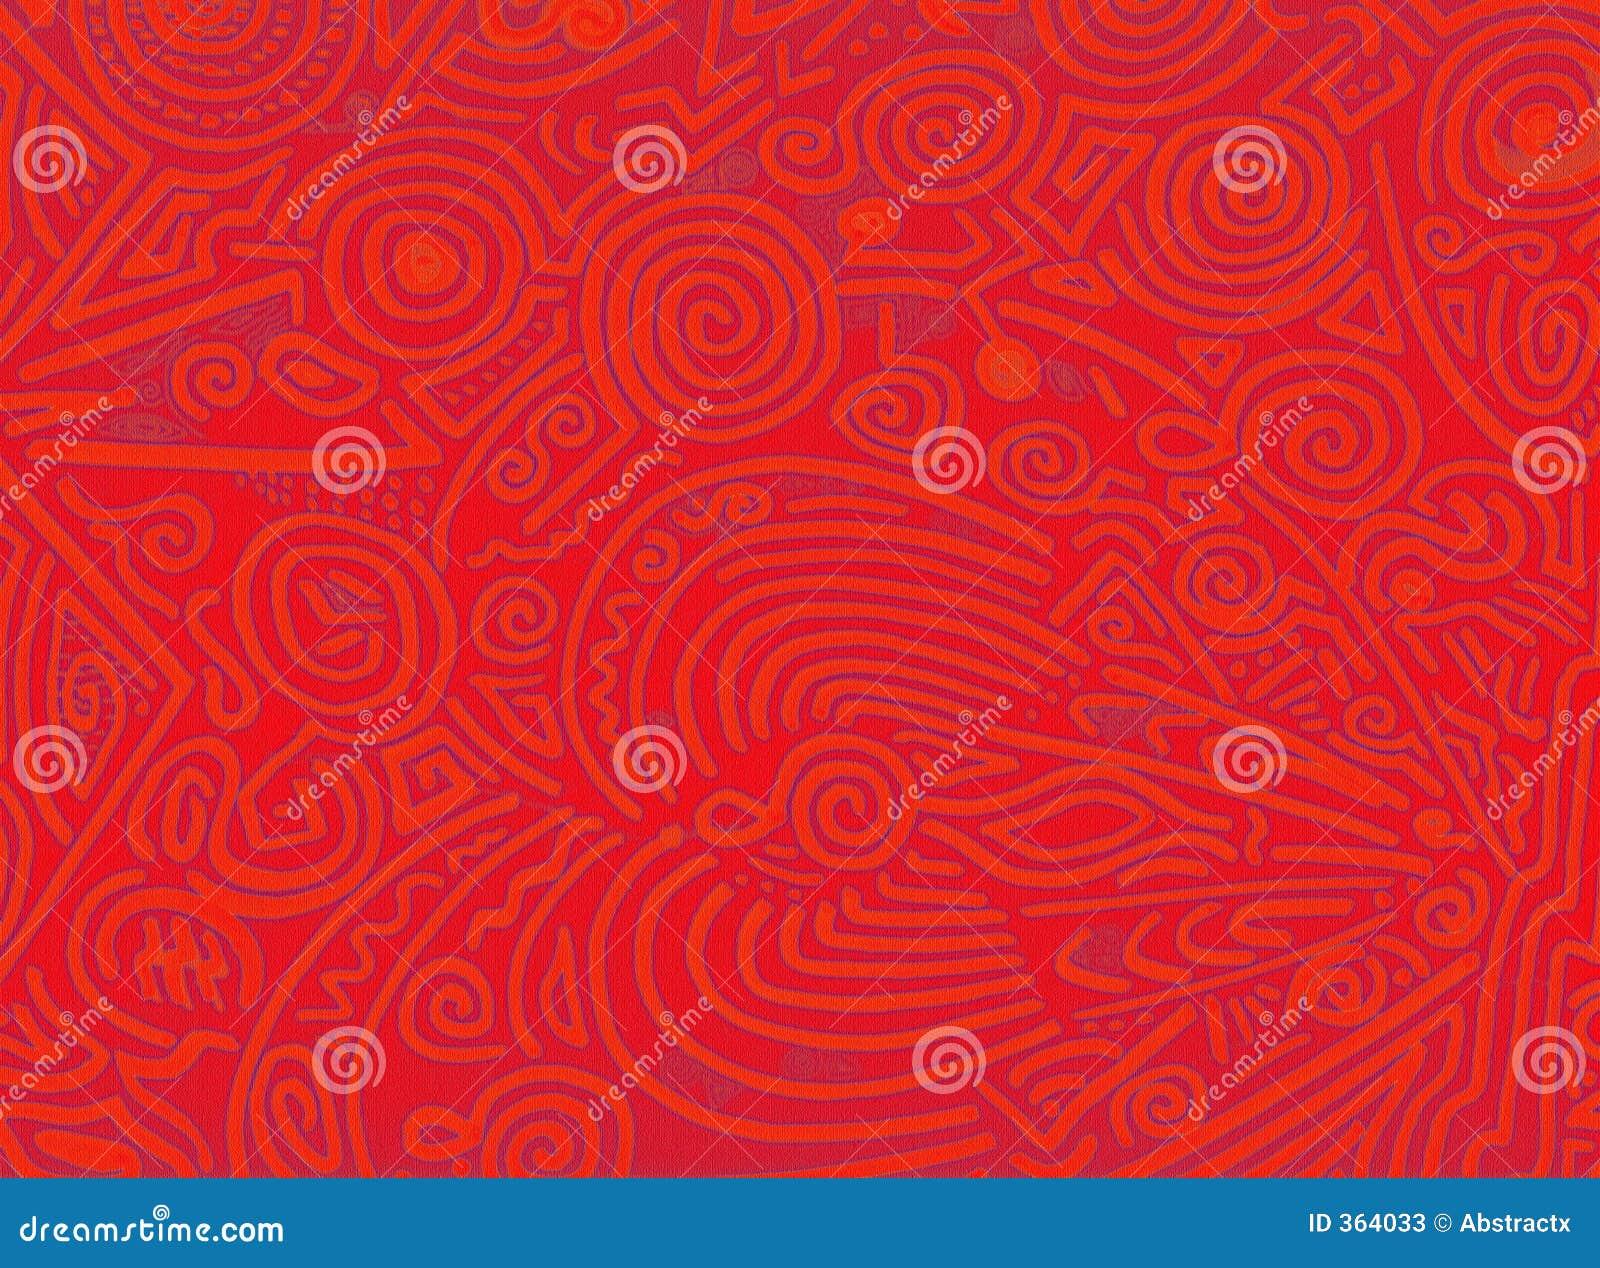 Materia orgánica abstracta del rojo anaranjado